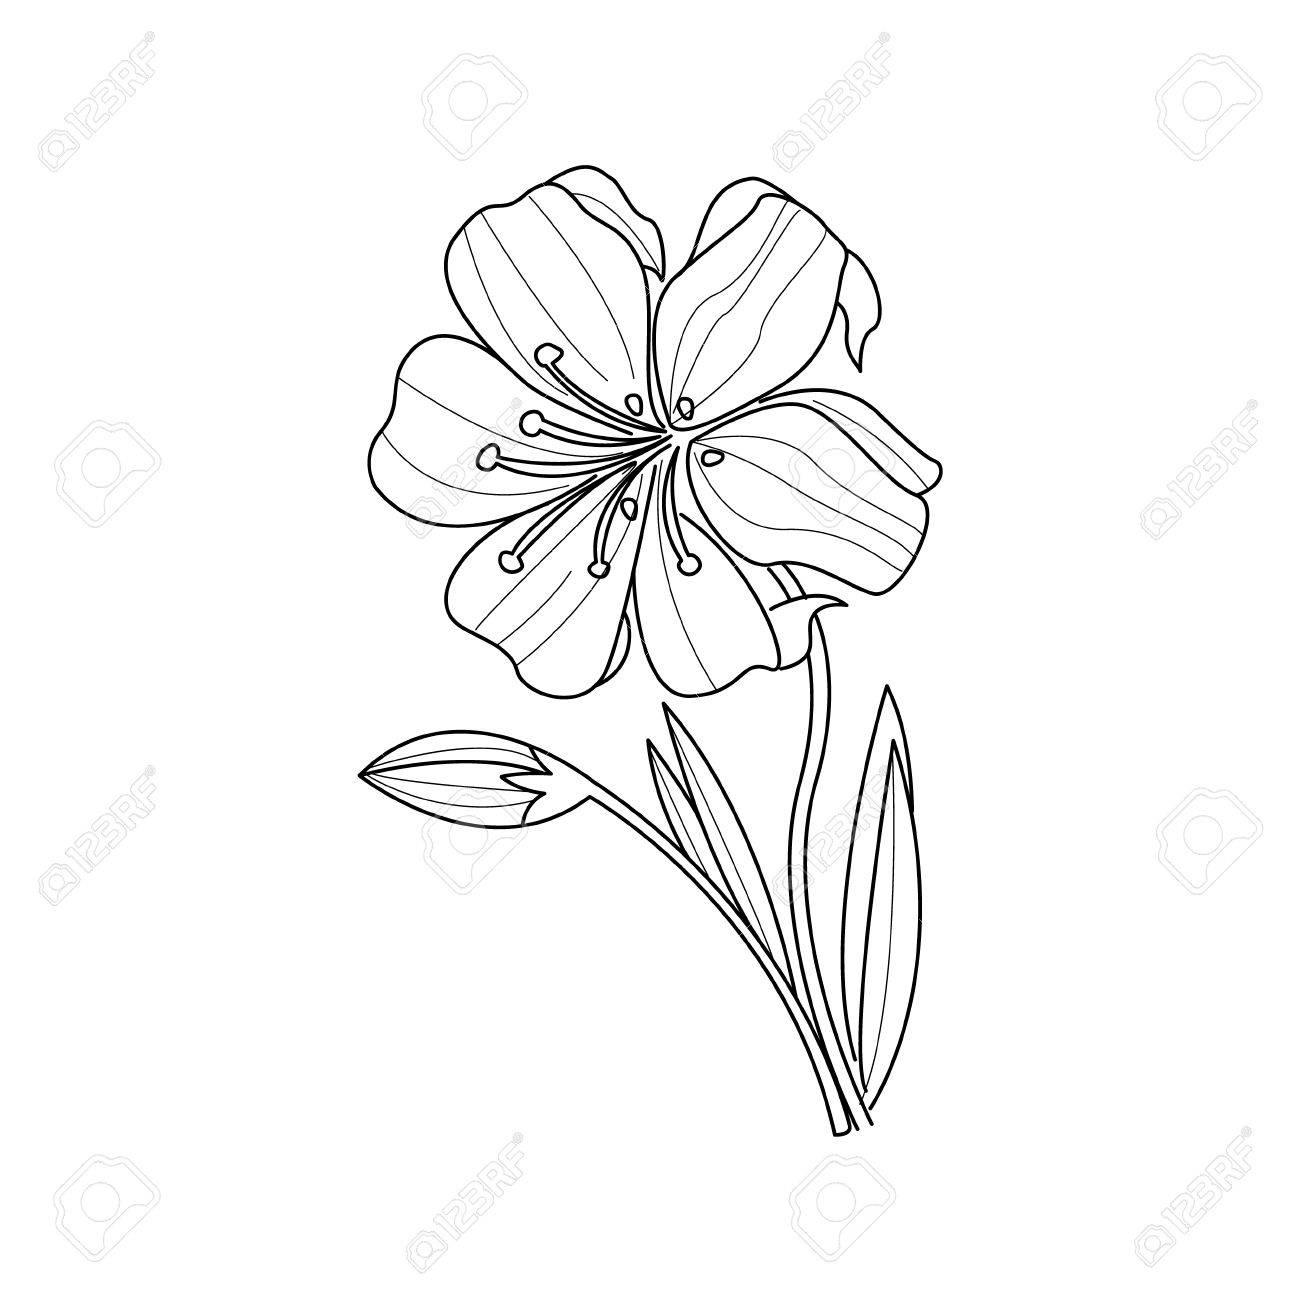 Dibujo Blanco Y Negro De La Flor De Caléndula Para Colorear Libro ...